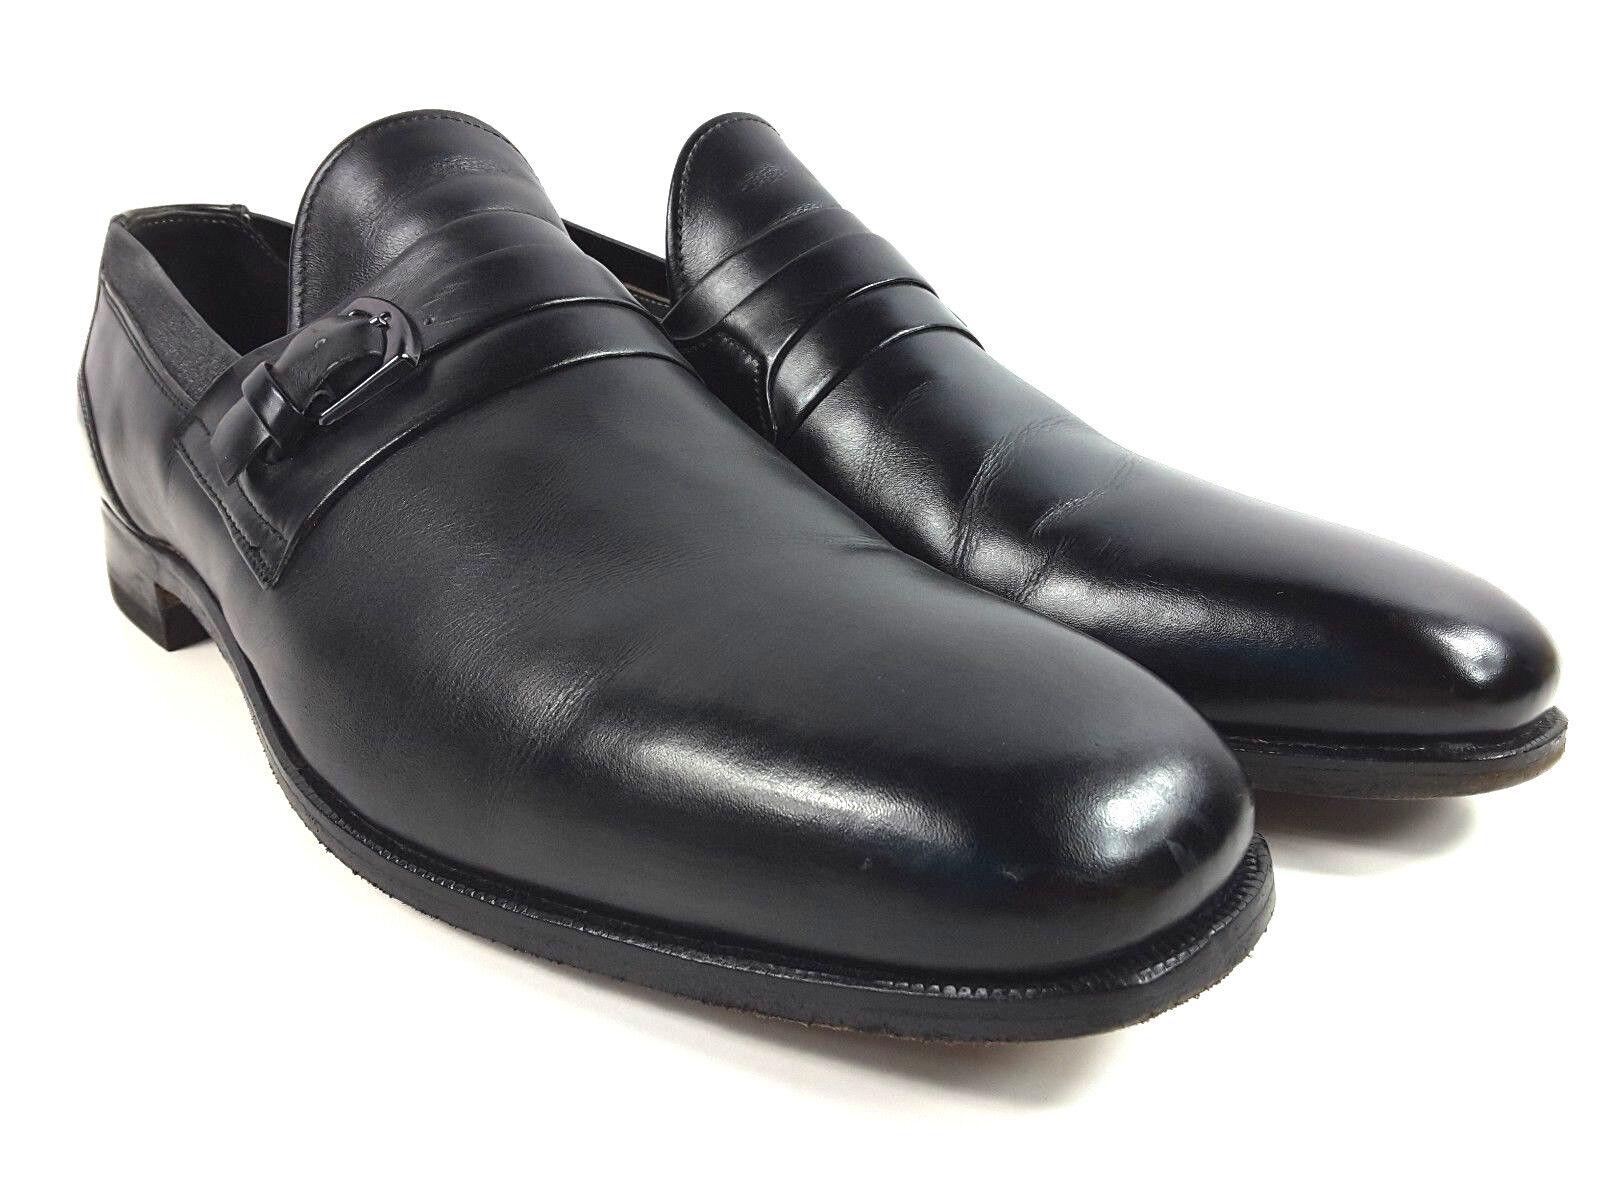 Breather Wright Misura 11.5 un Nero pelle Slip On Mocassini Fibbia Uomo Sautope Sautope classeiche da uomo